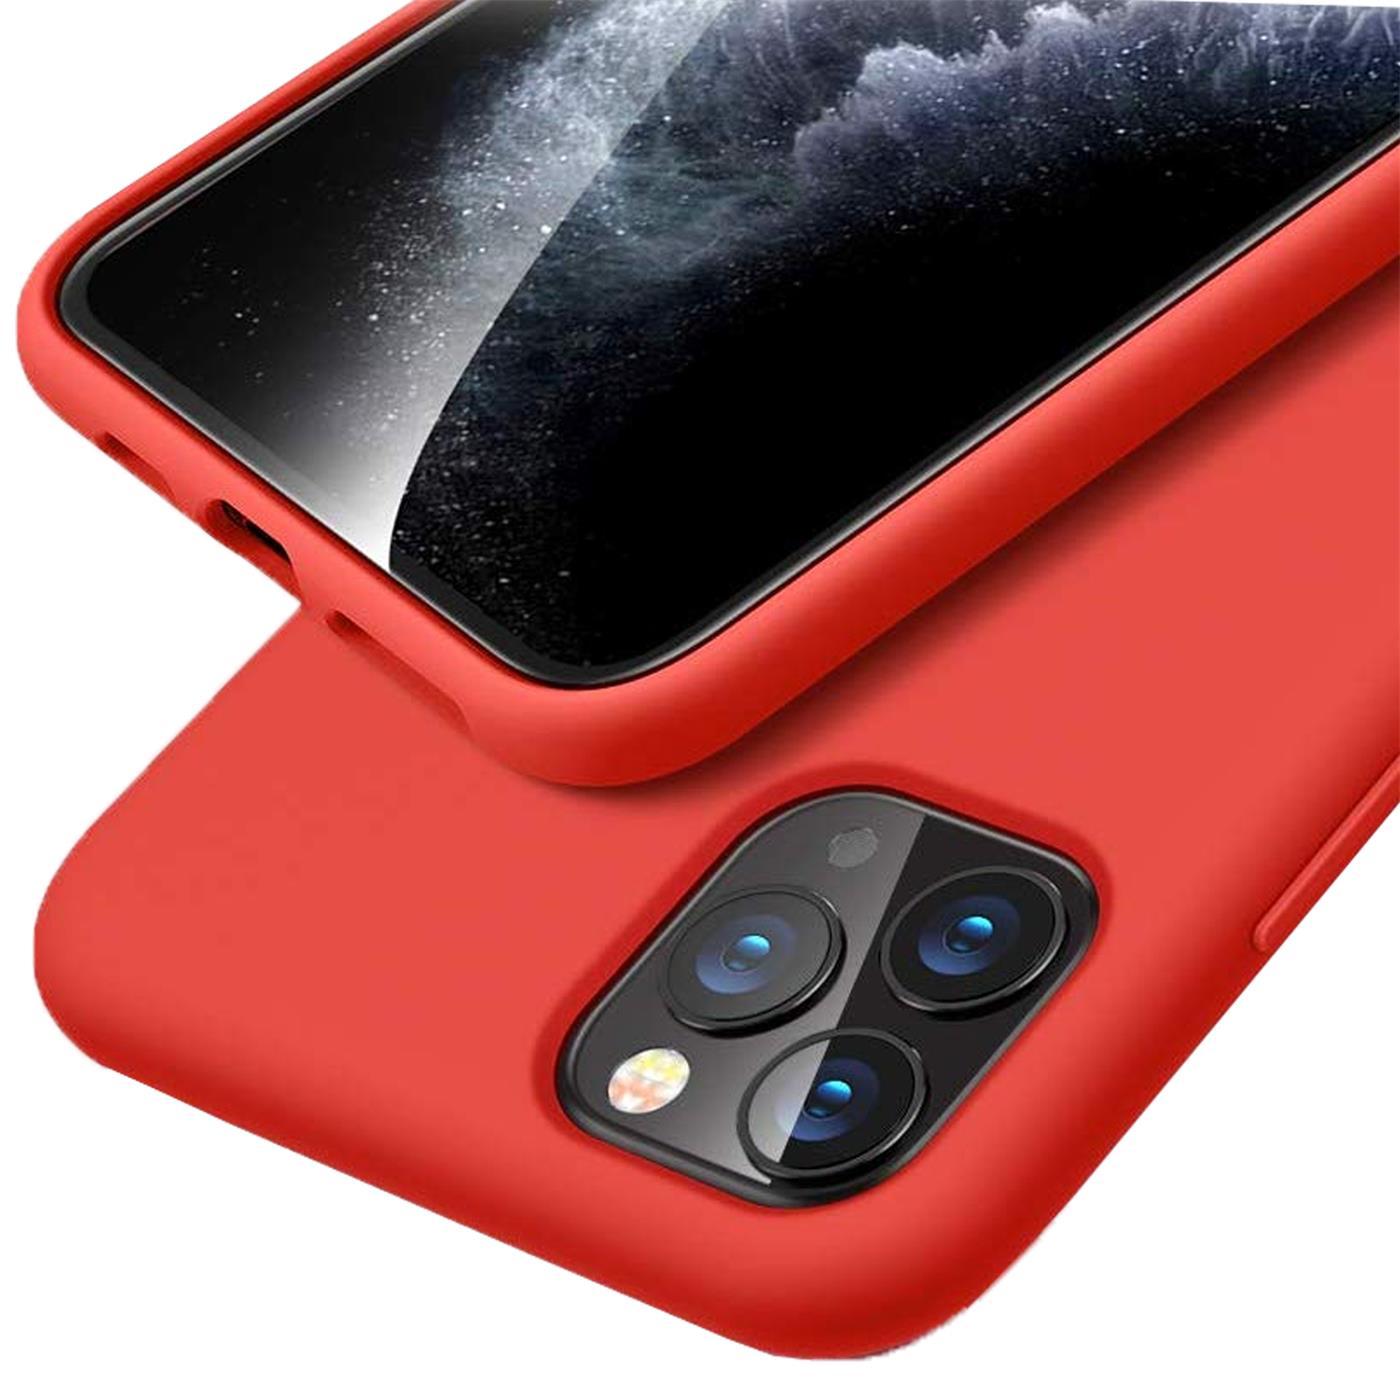 Silikon-Huelle-Schutzhuelle-Handy-Tasche-Handyhuelle-Slim-Case-Cover-Duenn-matt-Etui Indexbild 14